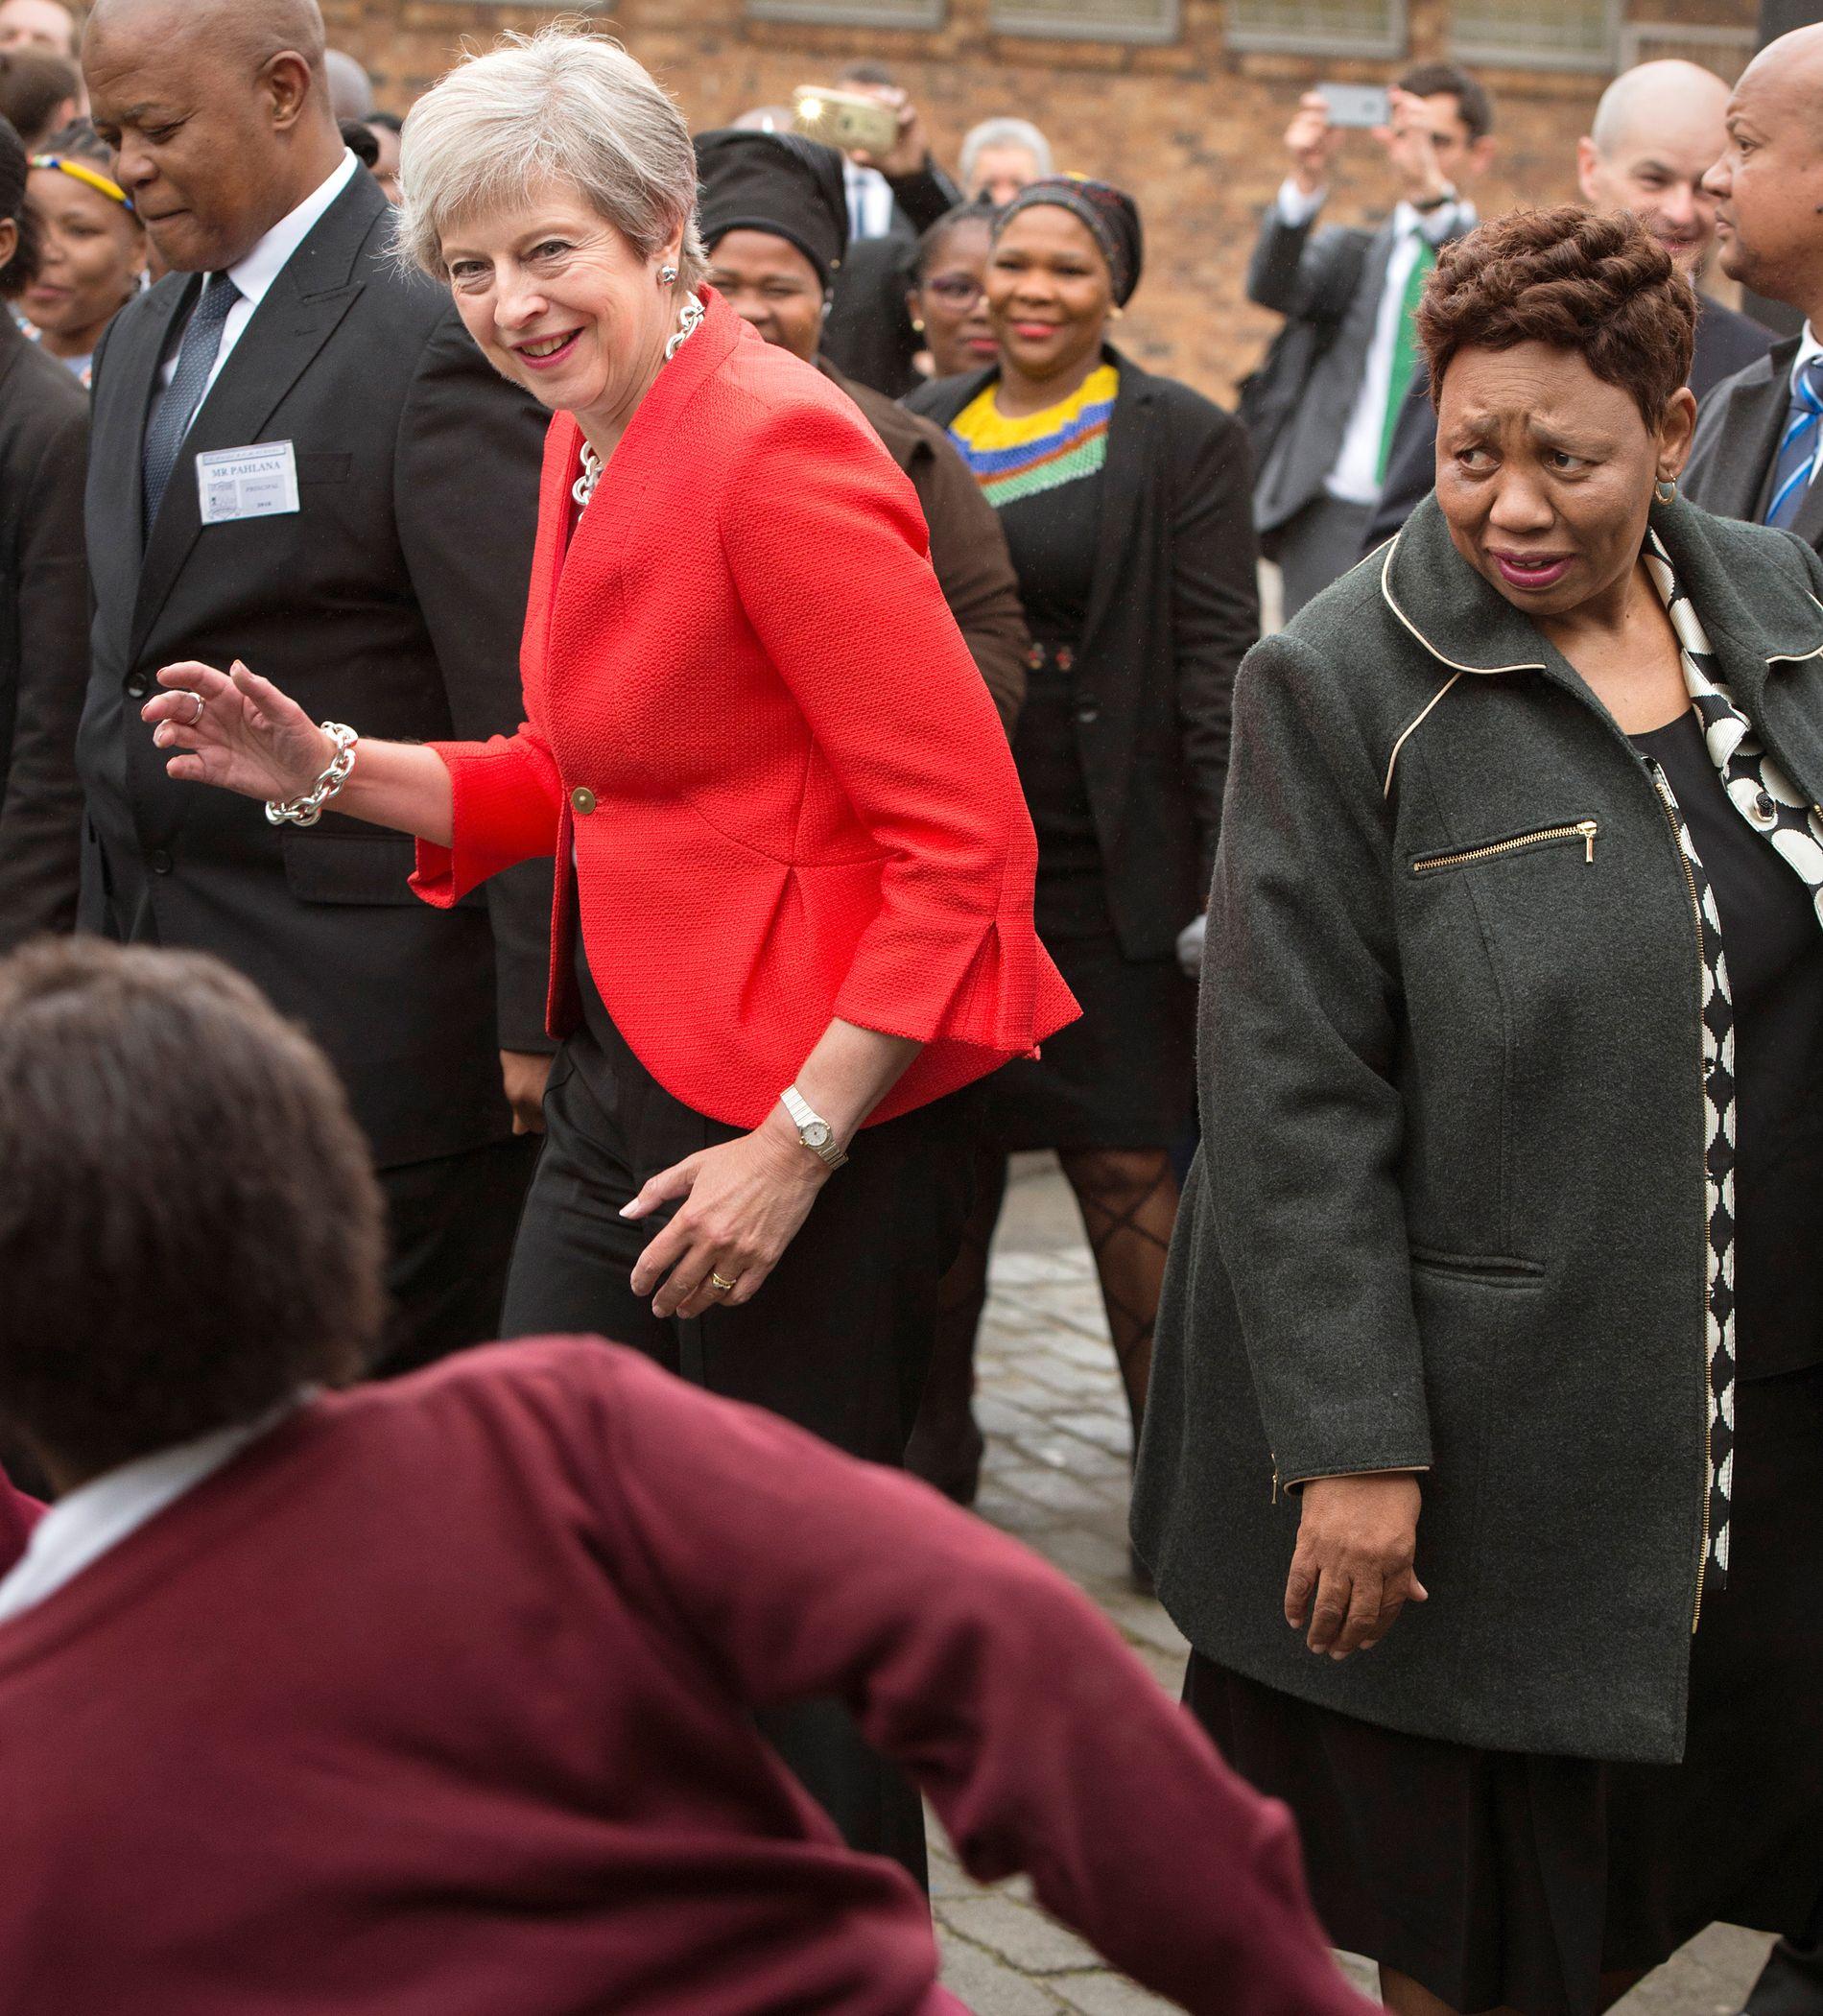 SKAL VI DANSE? JA TAKK! Den britiske statsministeren Theresa May (61) spontan-danset med speidere og skolebarn på besøk i Cape Town og Nairobi i forrige uke. Verden reagerte med sjokk og vantro.